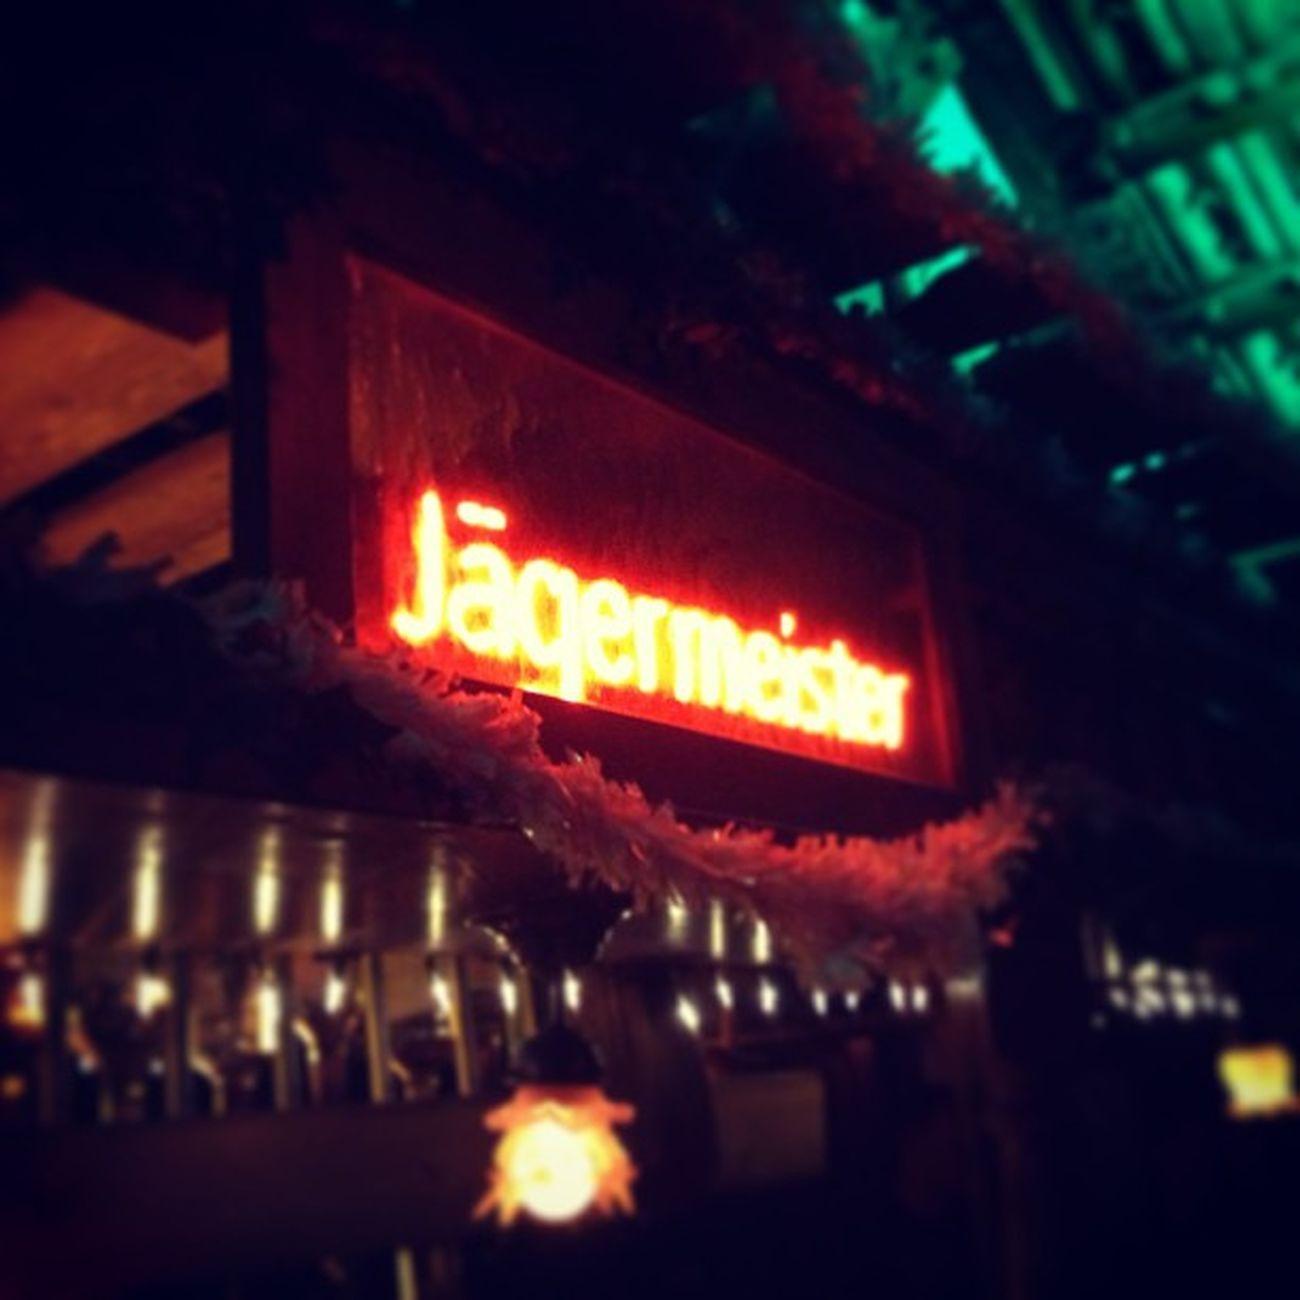 #jägermeister #iphoneonly #iphone5 Jägermeister Iphoneonly IPhone5